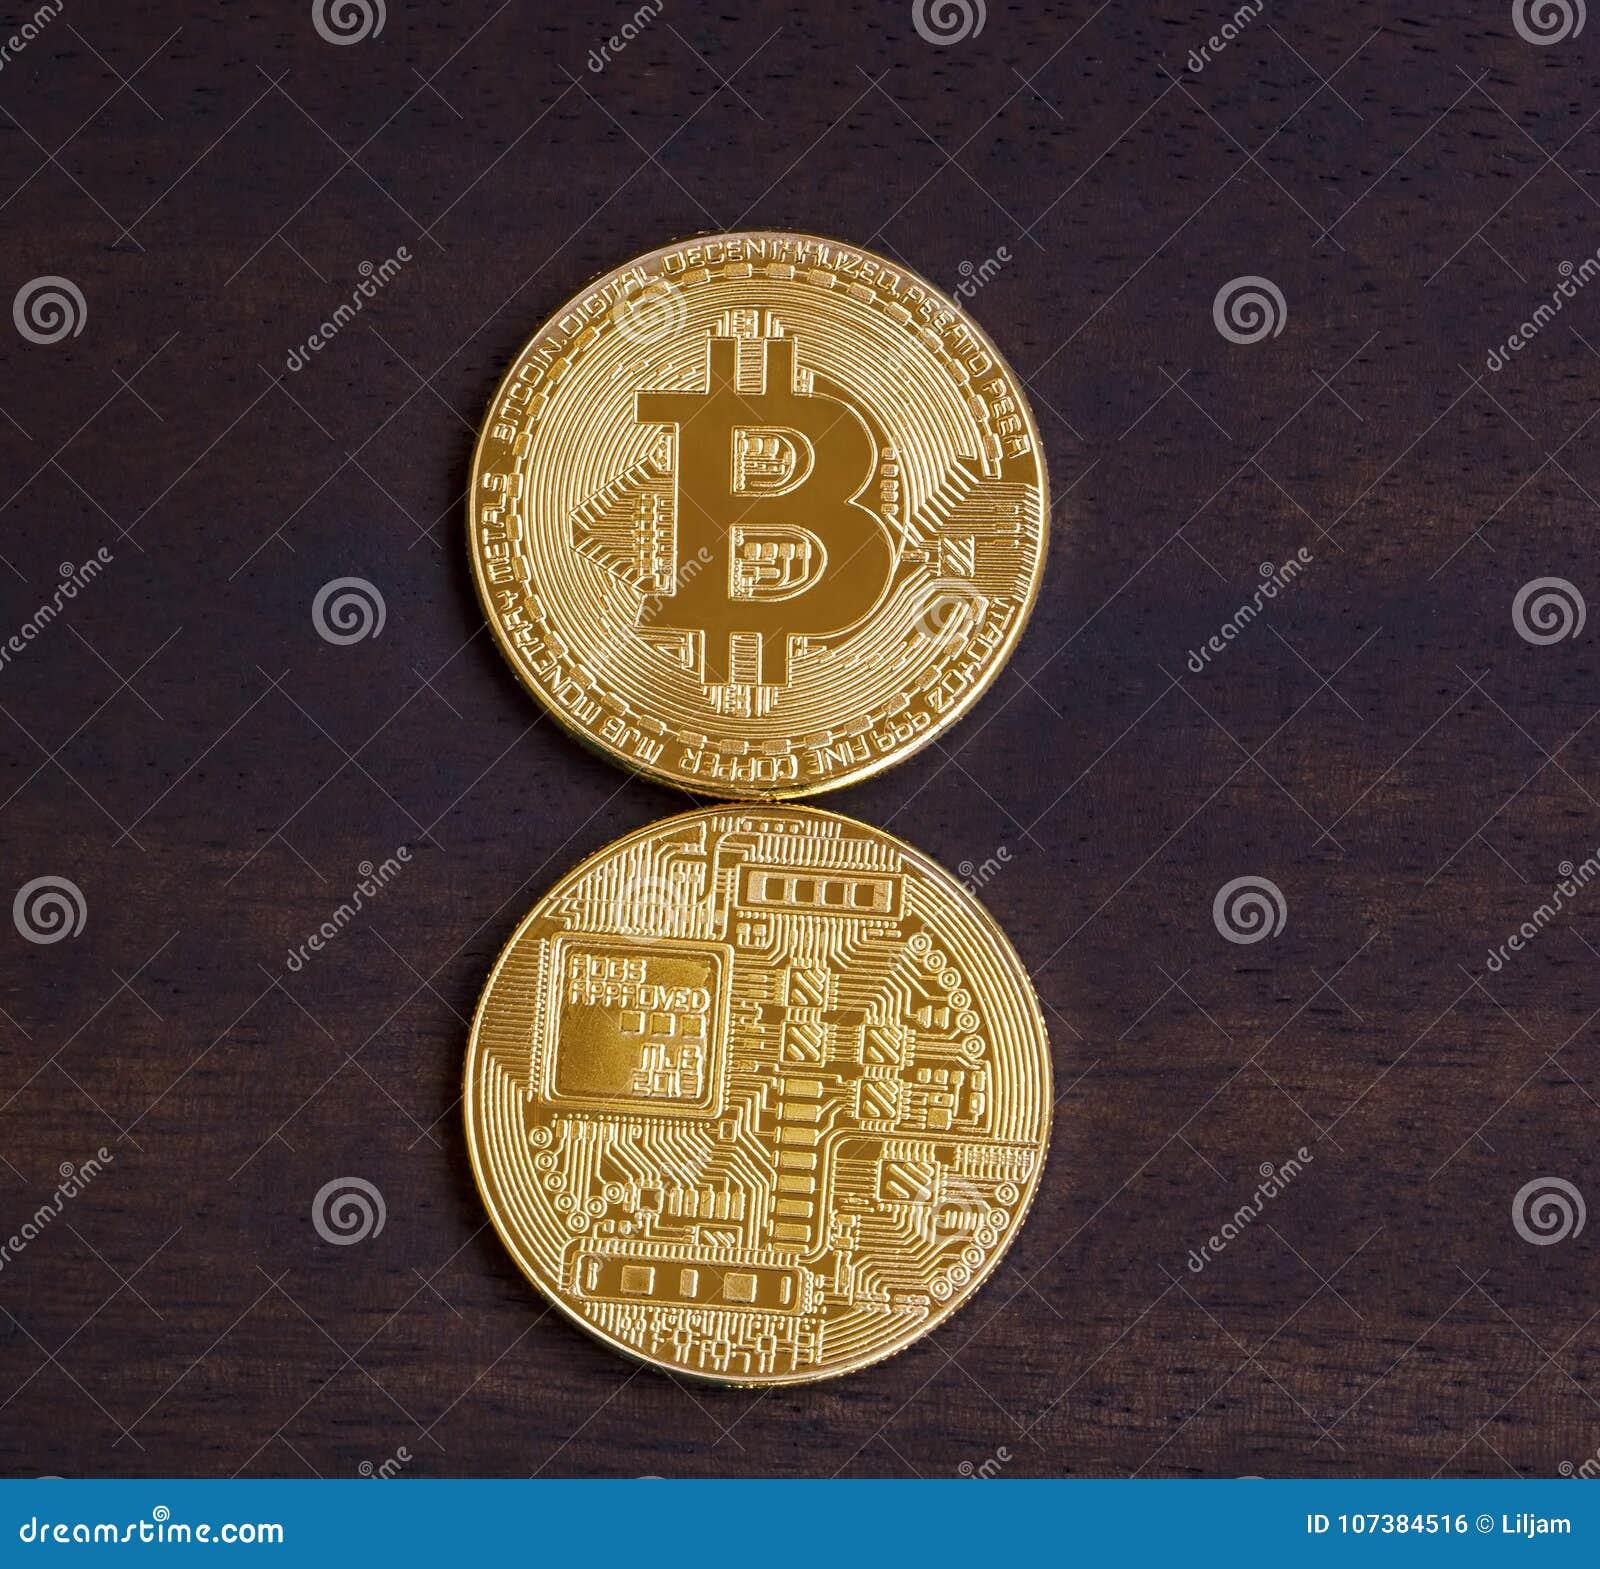 bitcoin descentral